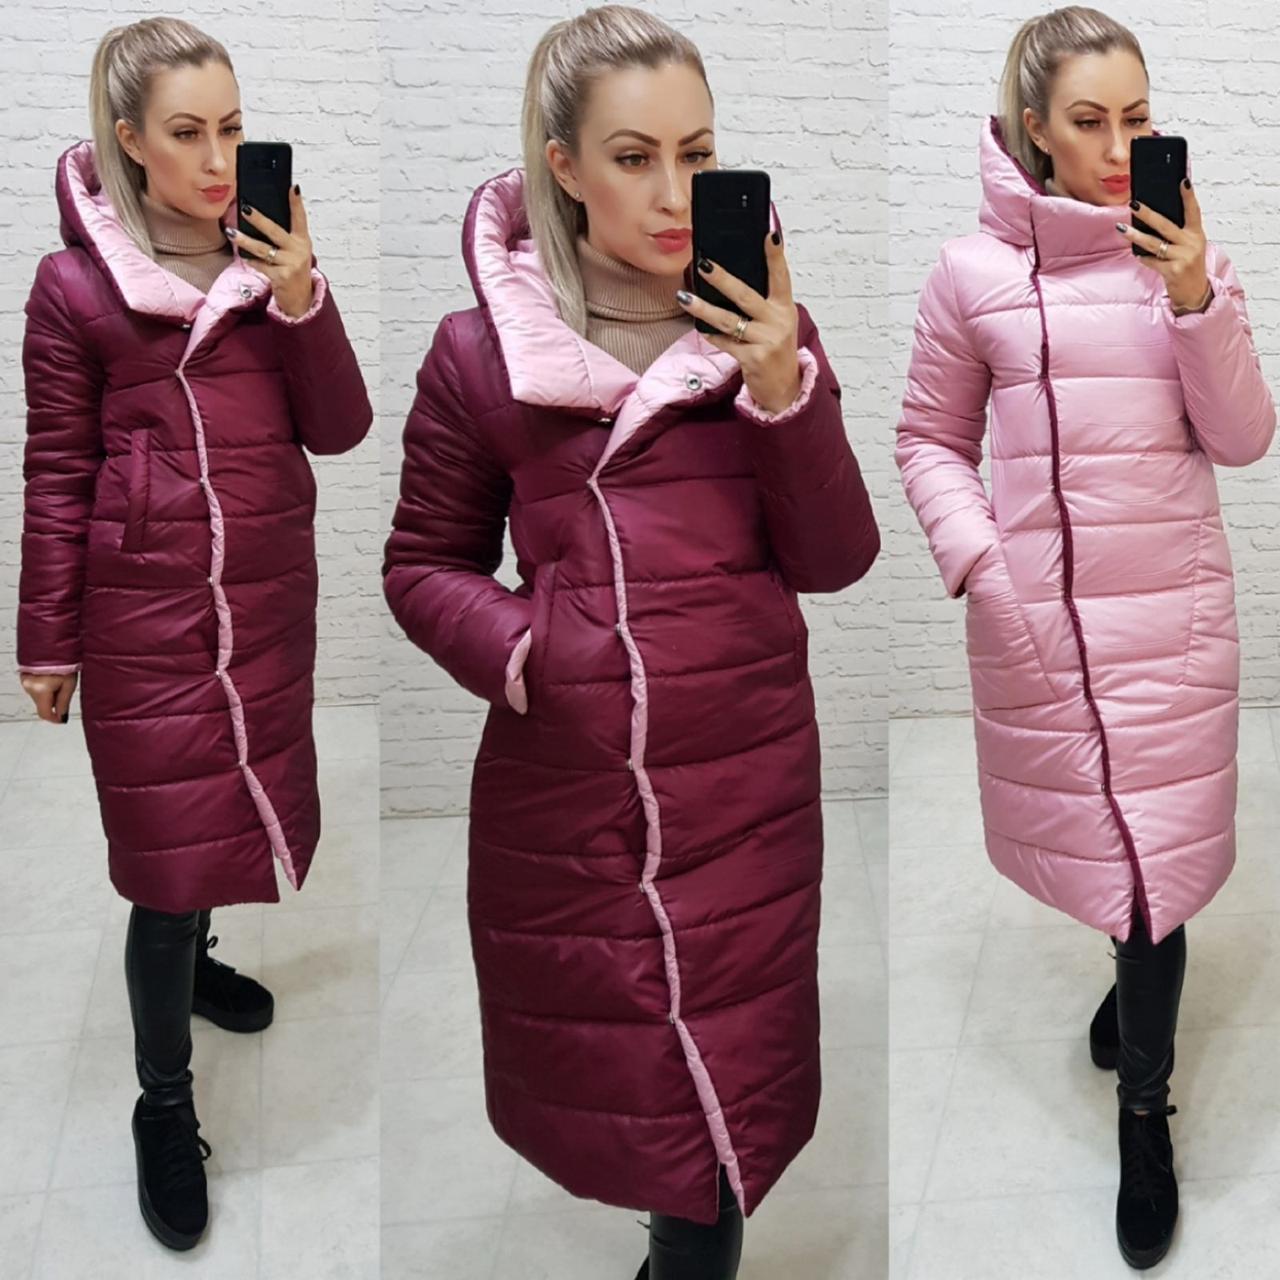 Куртка двостороння євро-зима з капюшоном арт. 1007 вишня / рожевий 1007